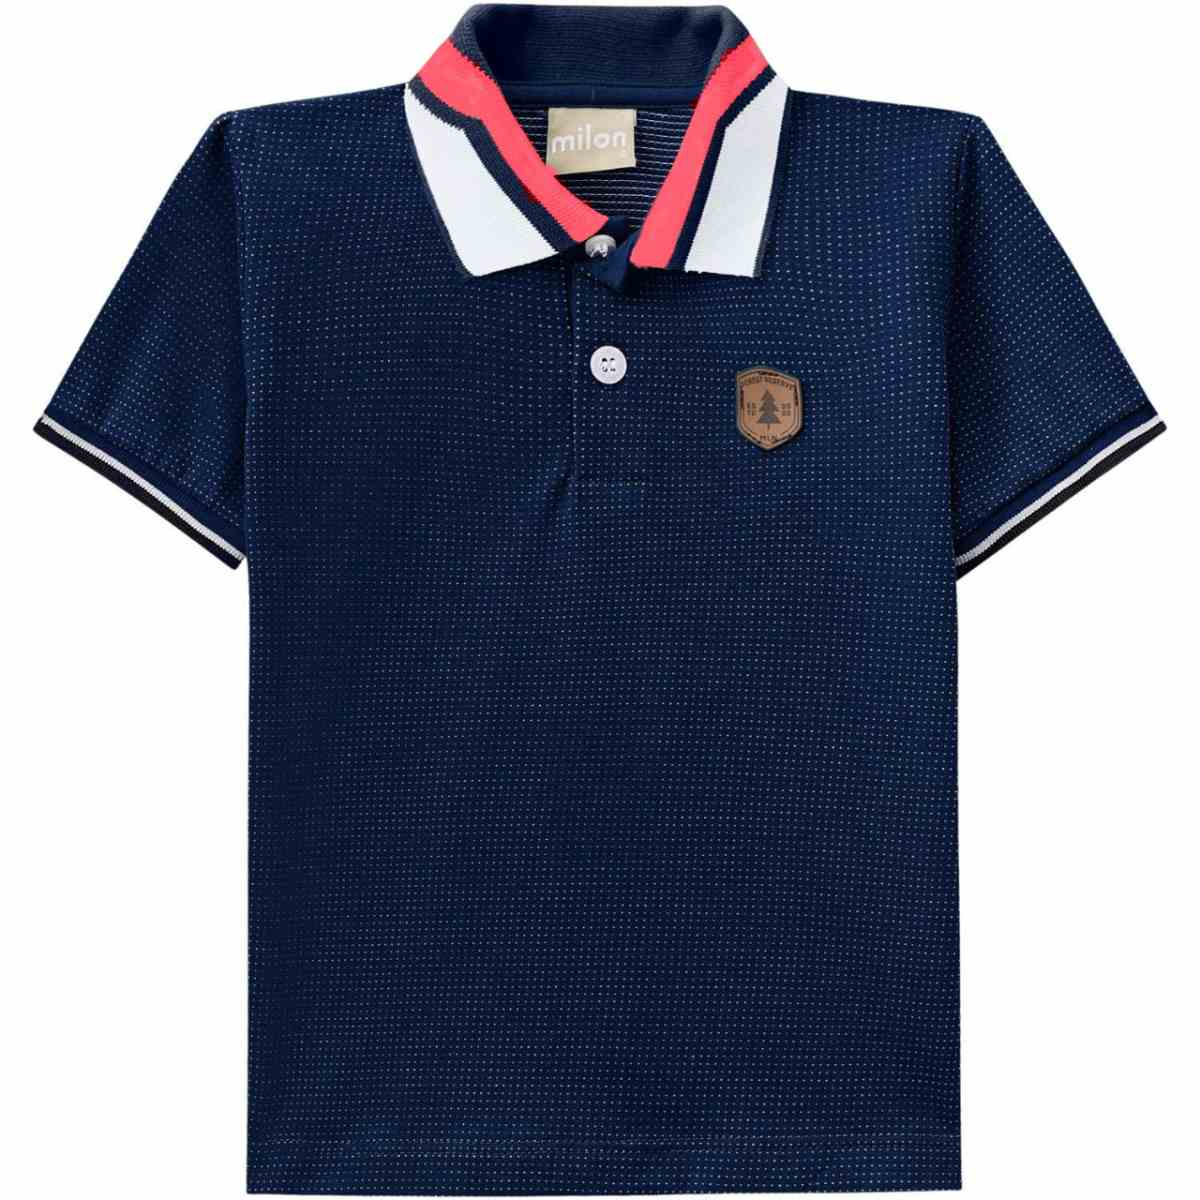 Camiseta Polo Menino Milon em Algodão - Azul Marinho